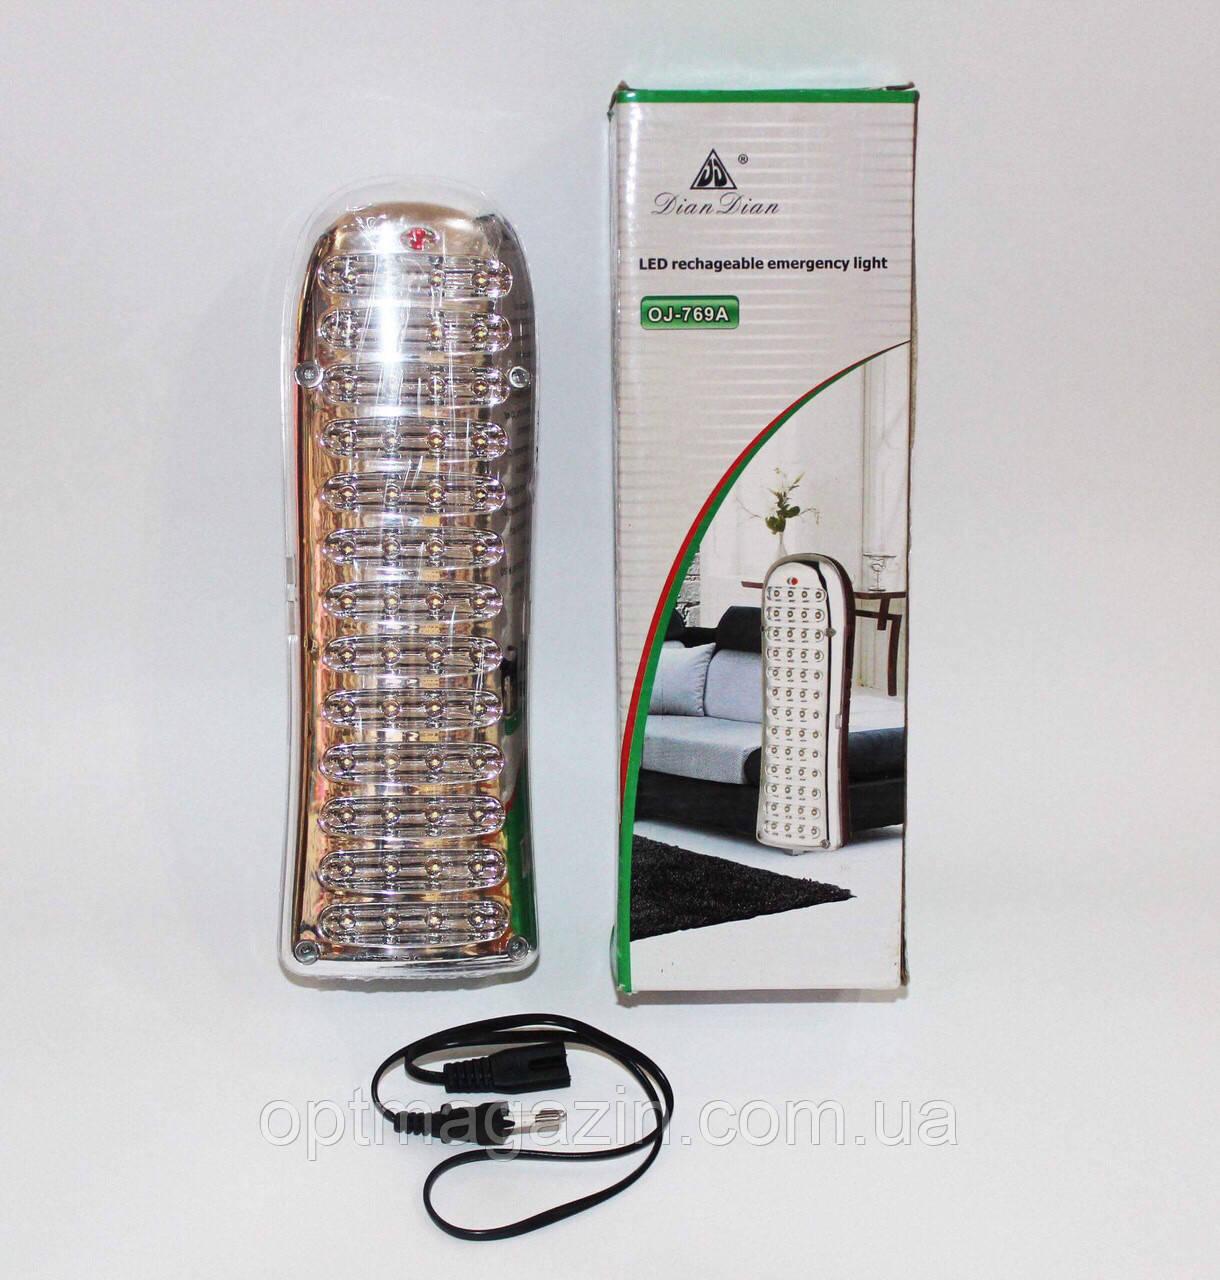 Ліхтар світлодіодний OJ-769A